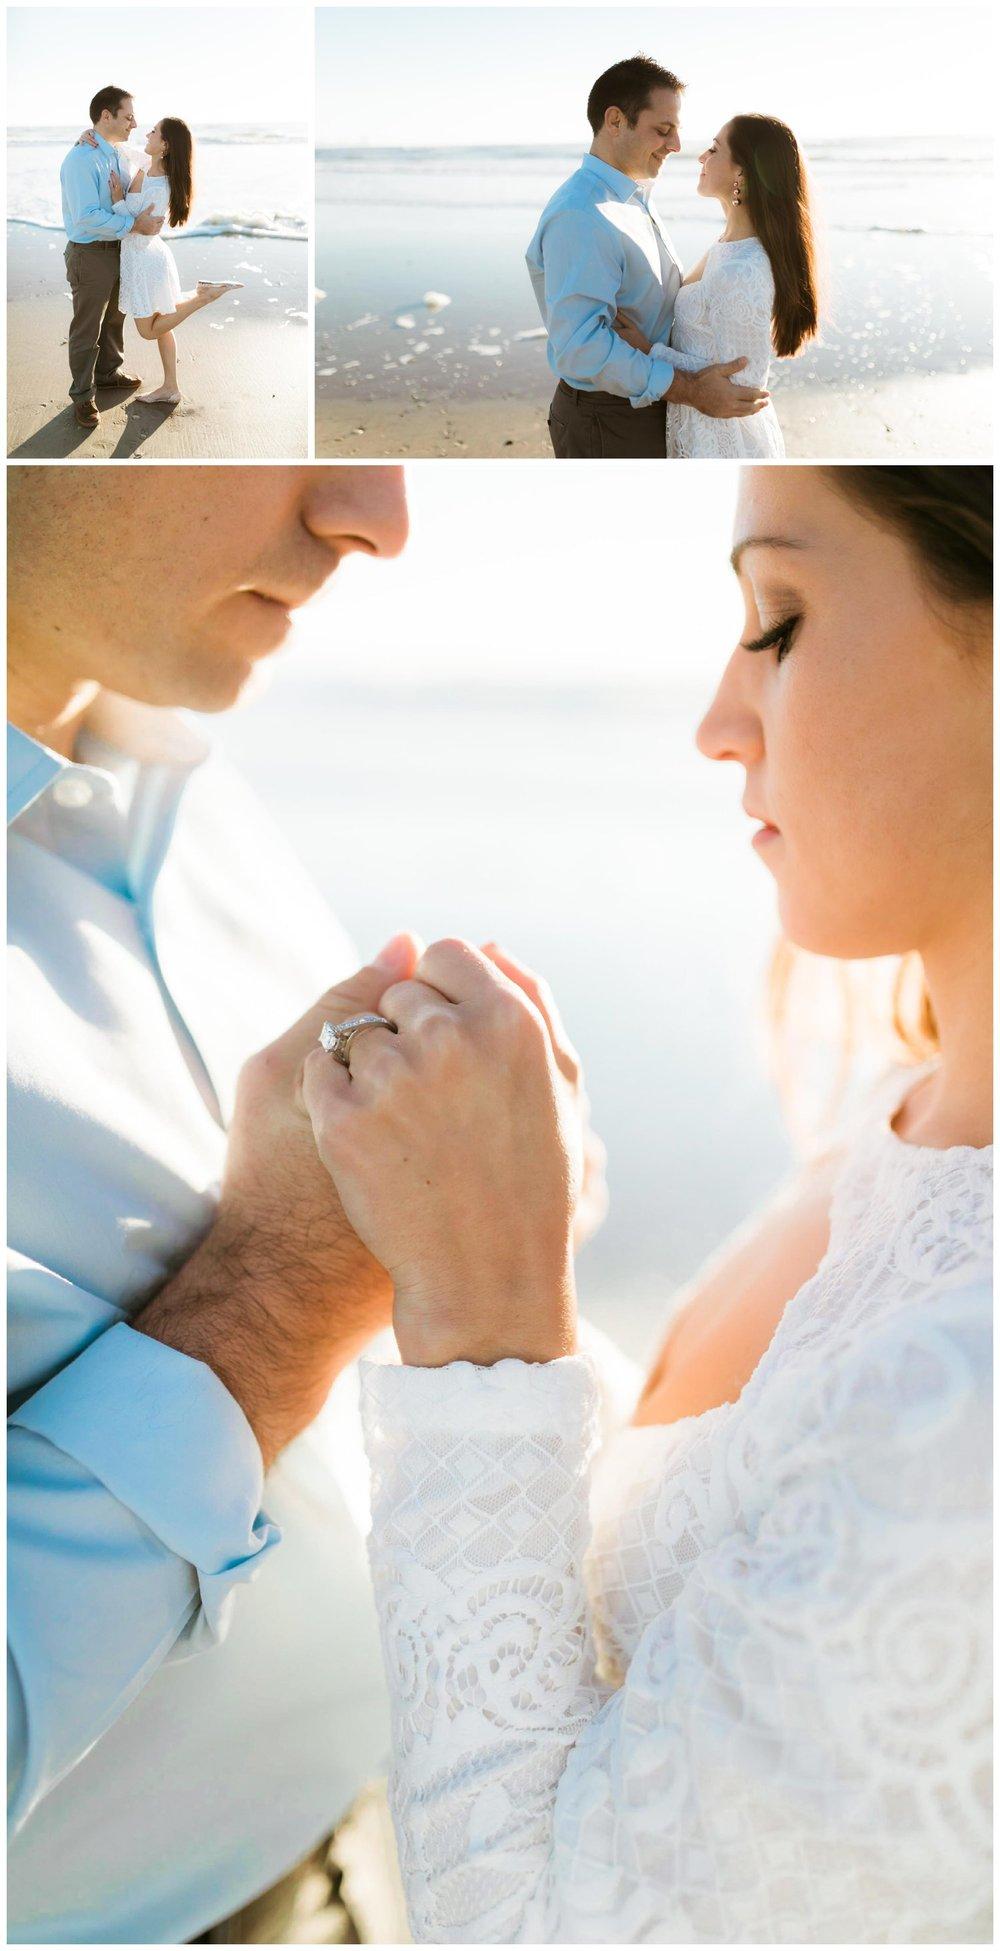 CarissaandJoe_NewJerseyEngagement_Engagement_OceanCity_NJ_Wedding_Photographer_MagdalenaStudios_0407.jpg